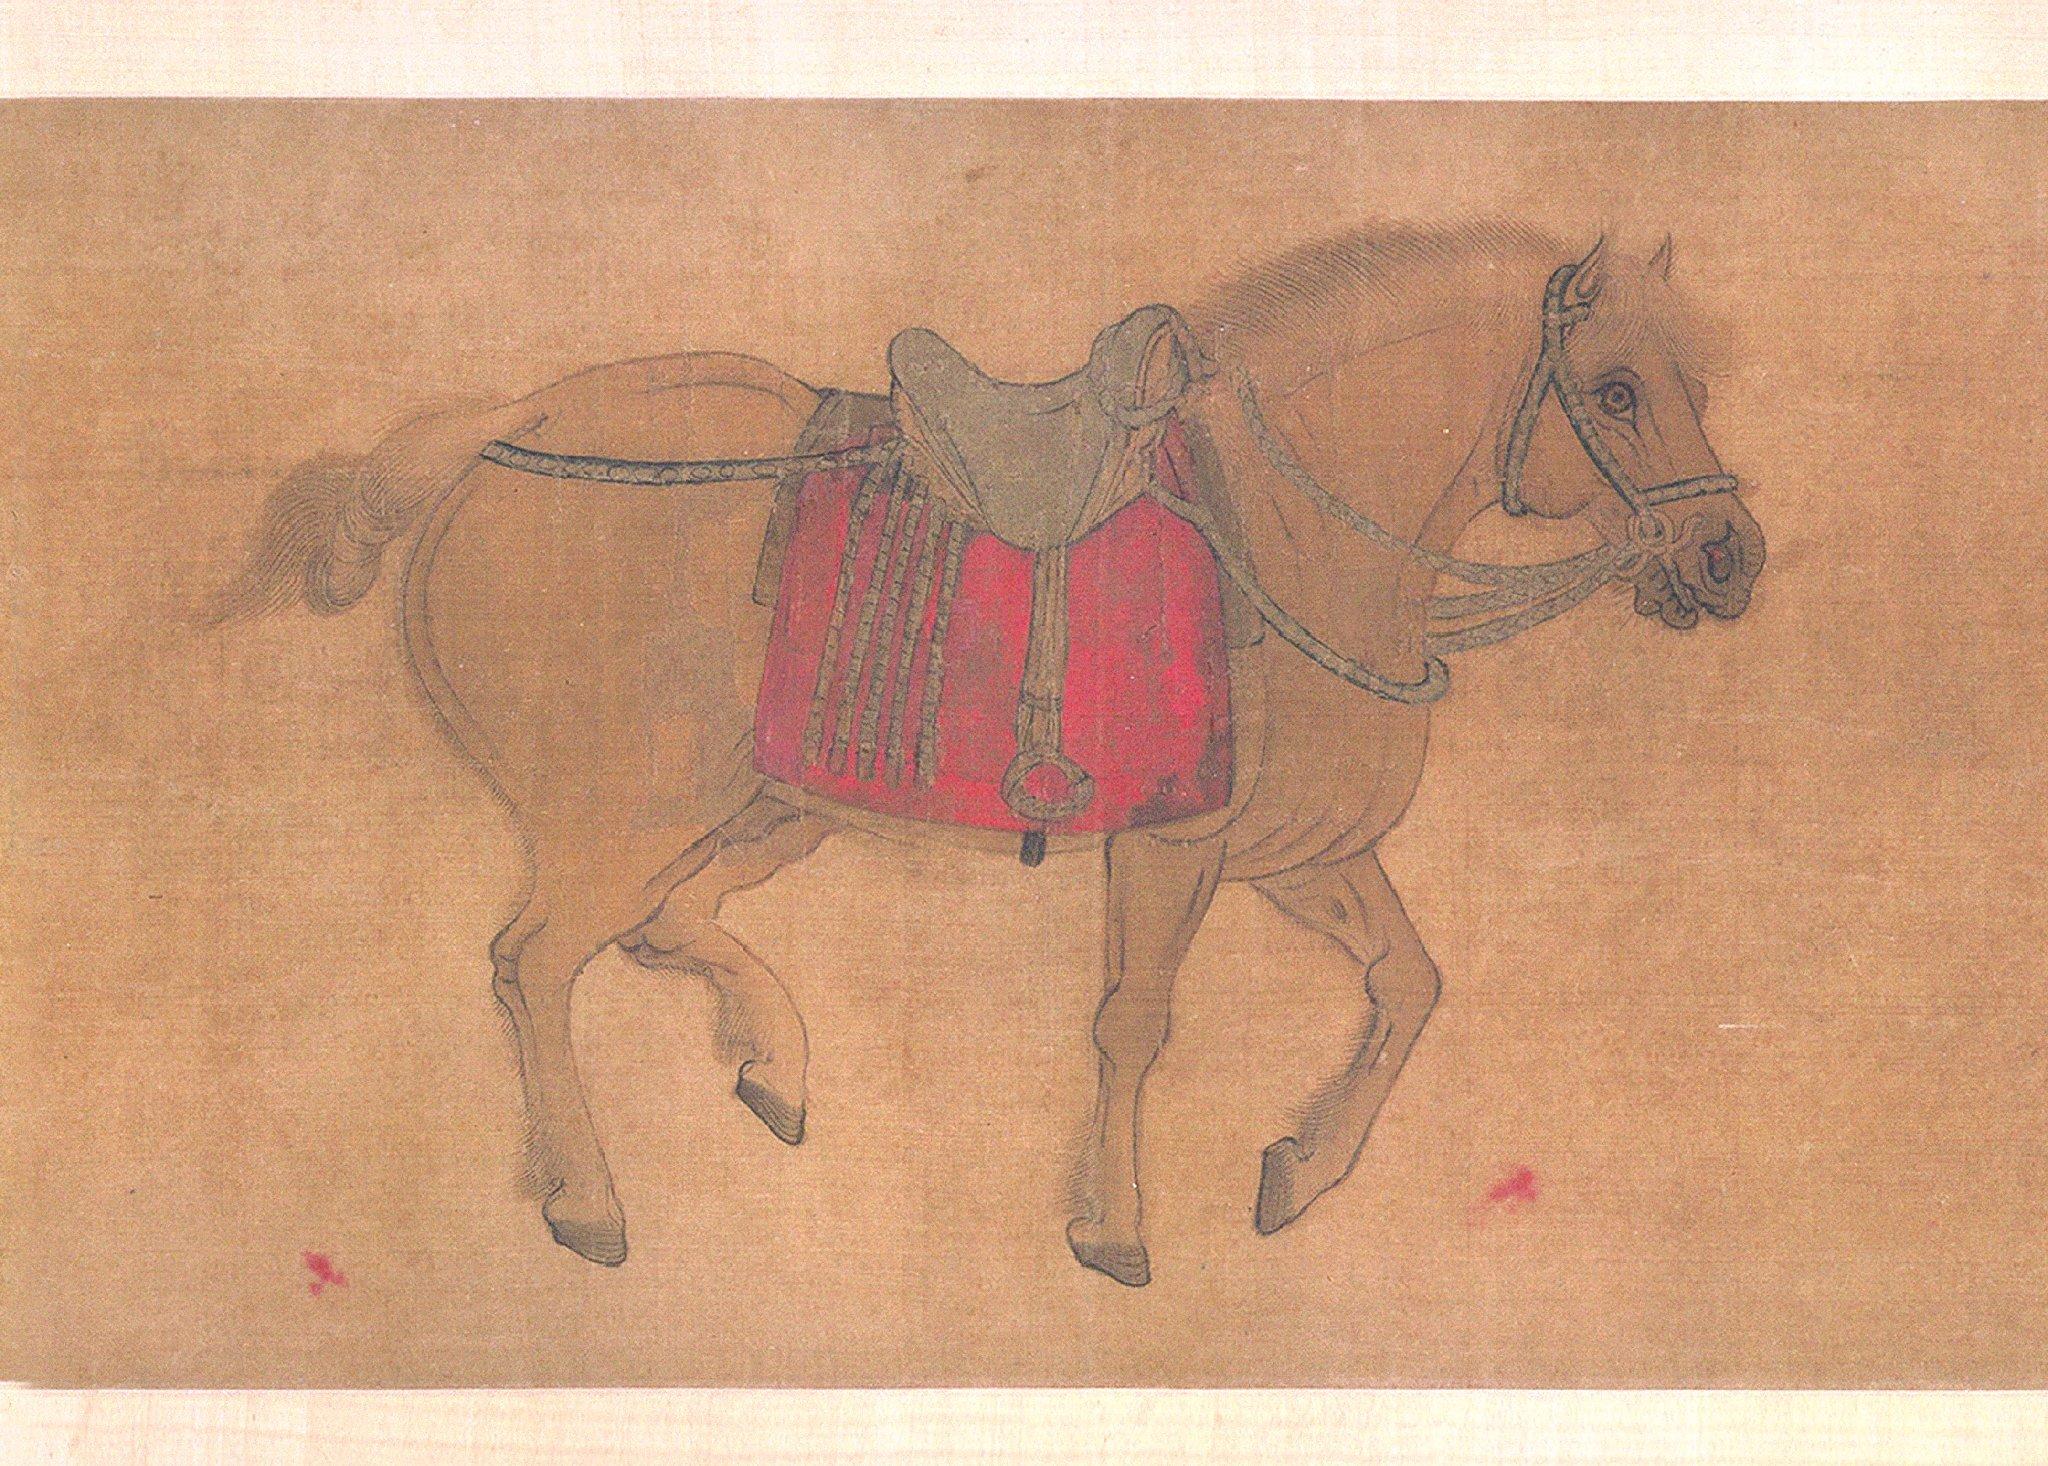 金 赵霖昭陵六骏图卷绢本27.4x444.2北京故宫图片